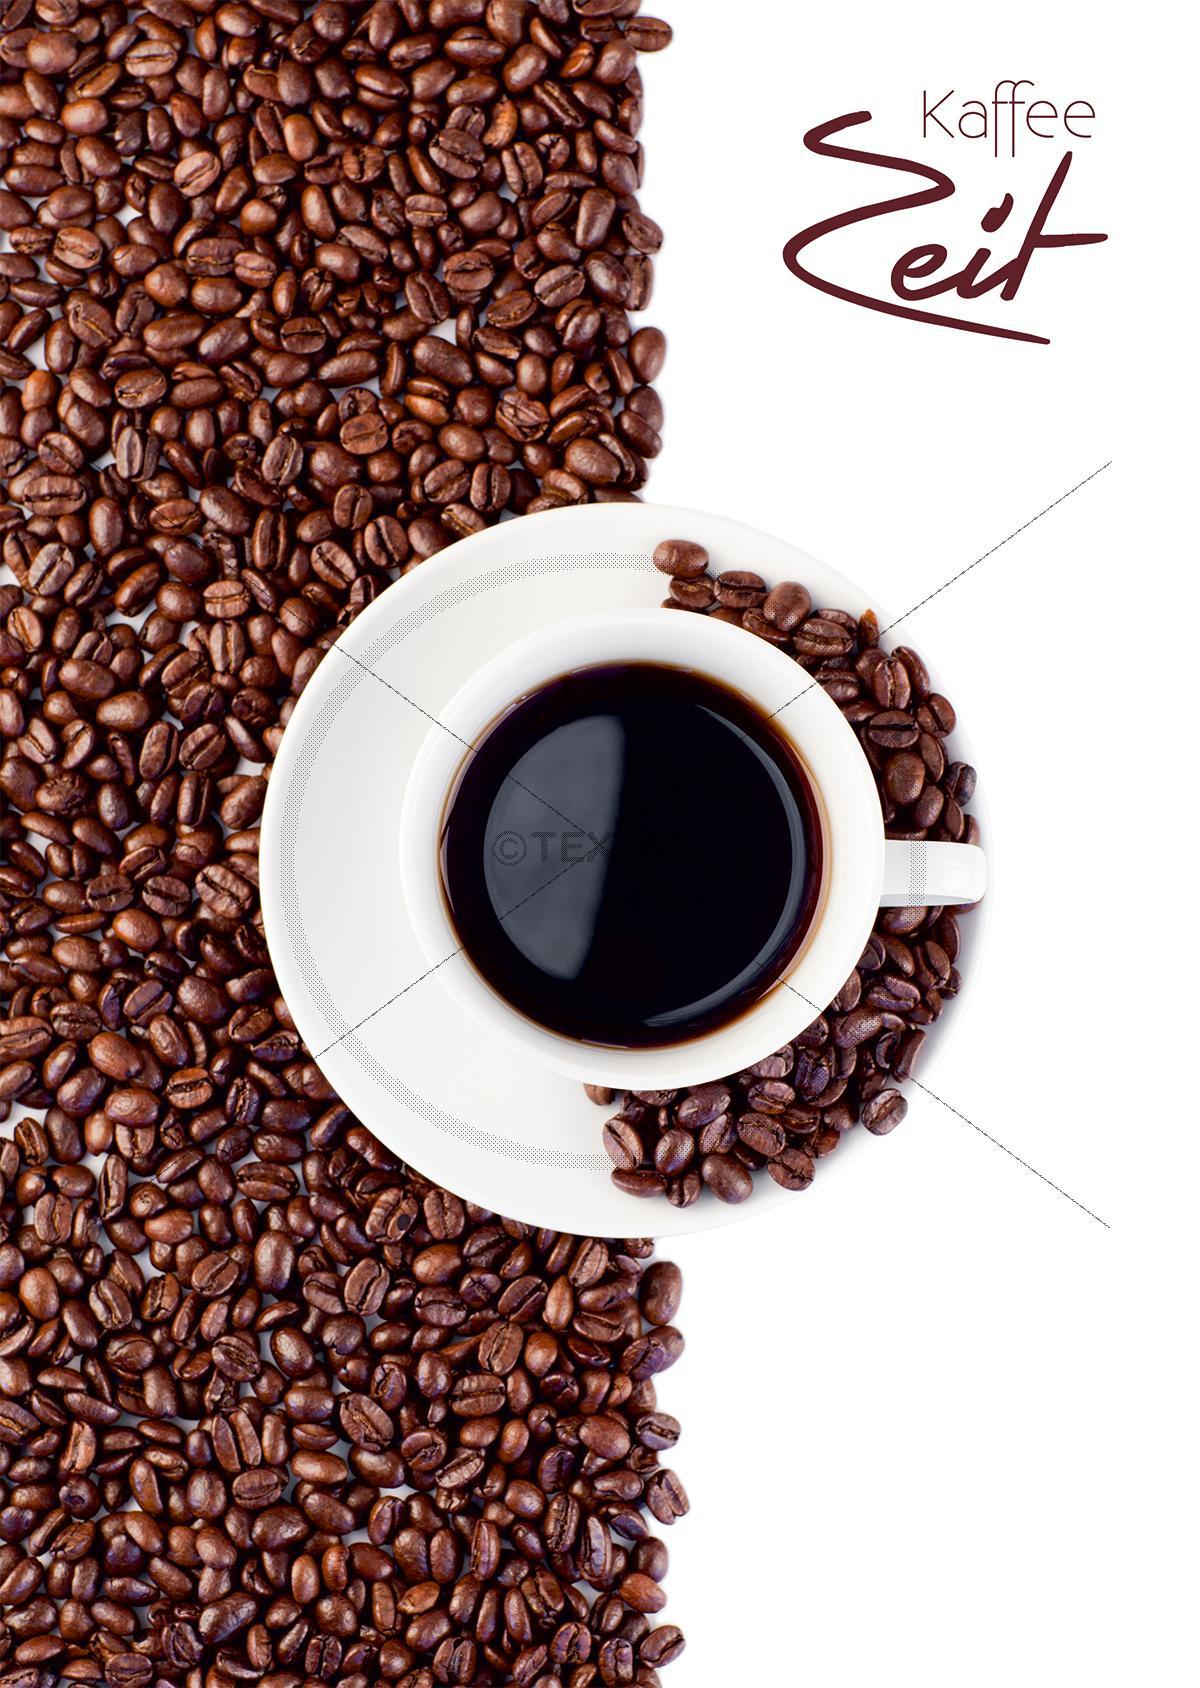 deckblattvorlage getr nkekarte kaffee zeit din a4 am pc drucken. Black Bedroom Furniture Sets. Home Design Ideas